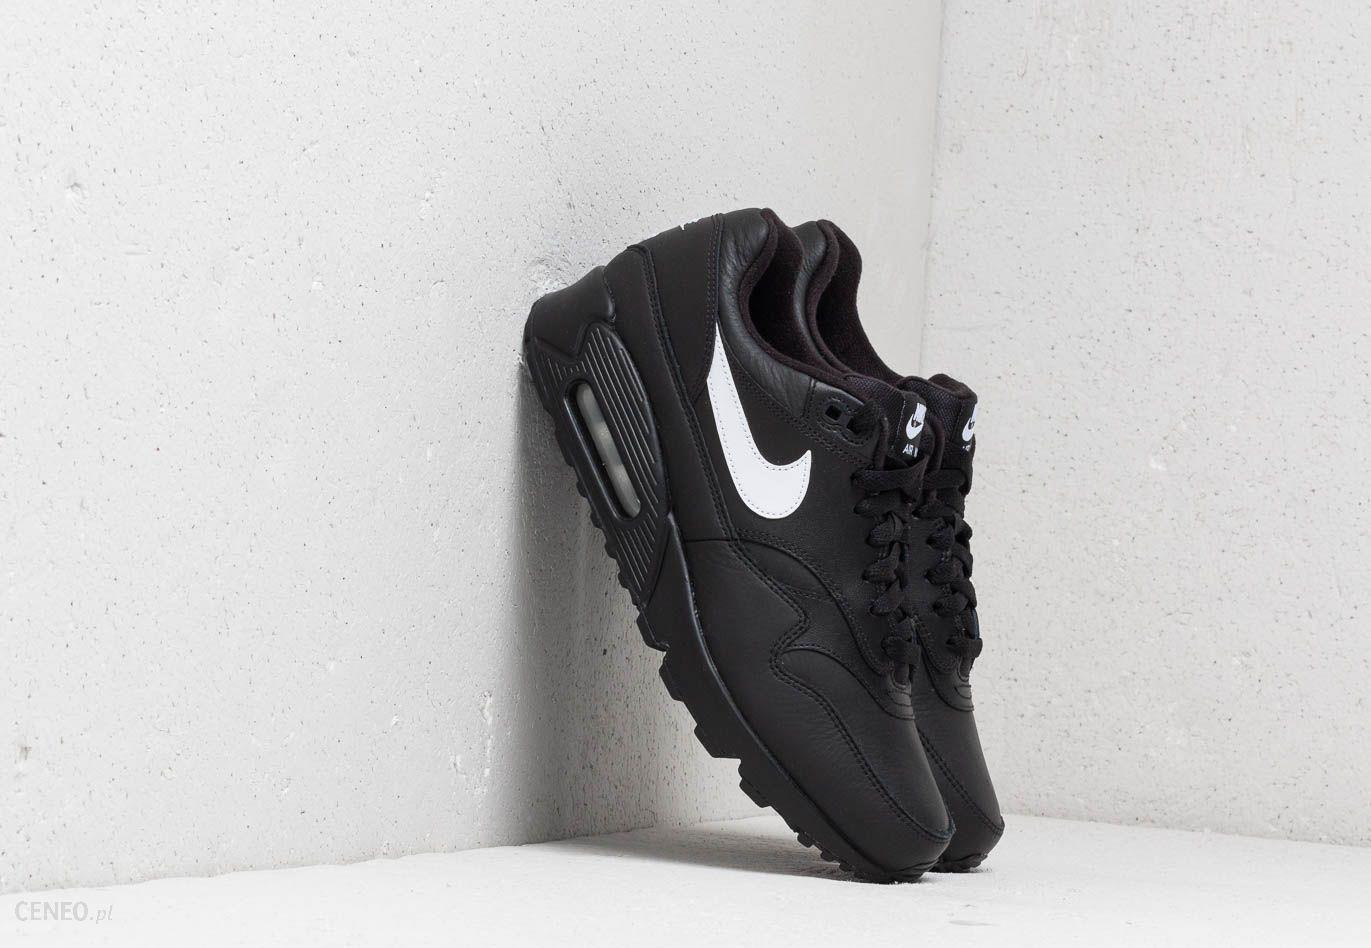 separation shoes fa048 1b754 Nike Air Max 901 Black White-Black - zdjęcie 1